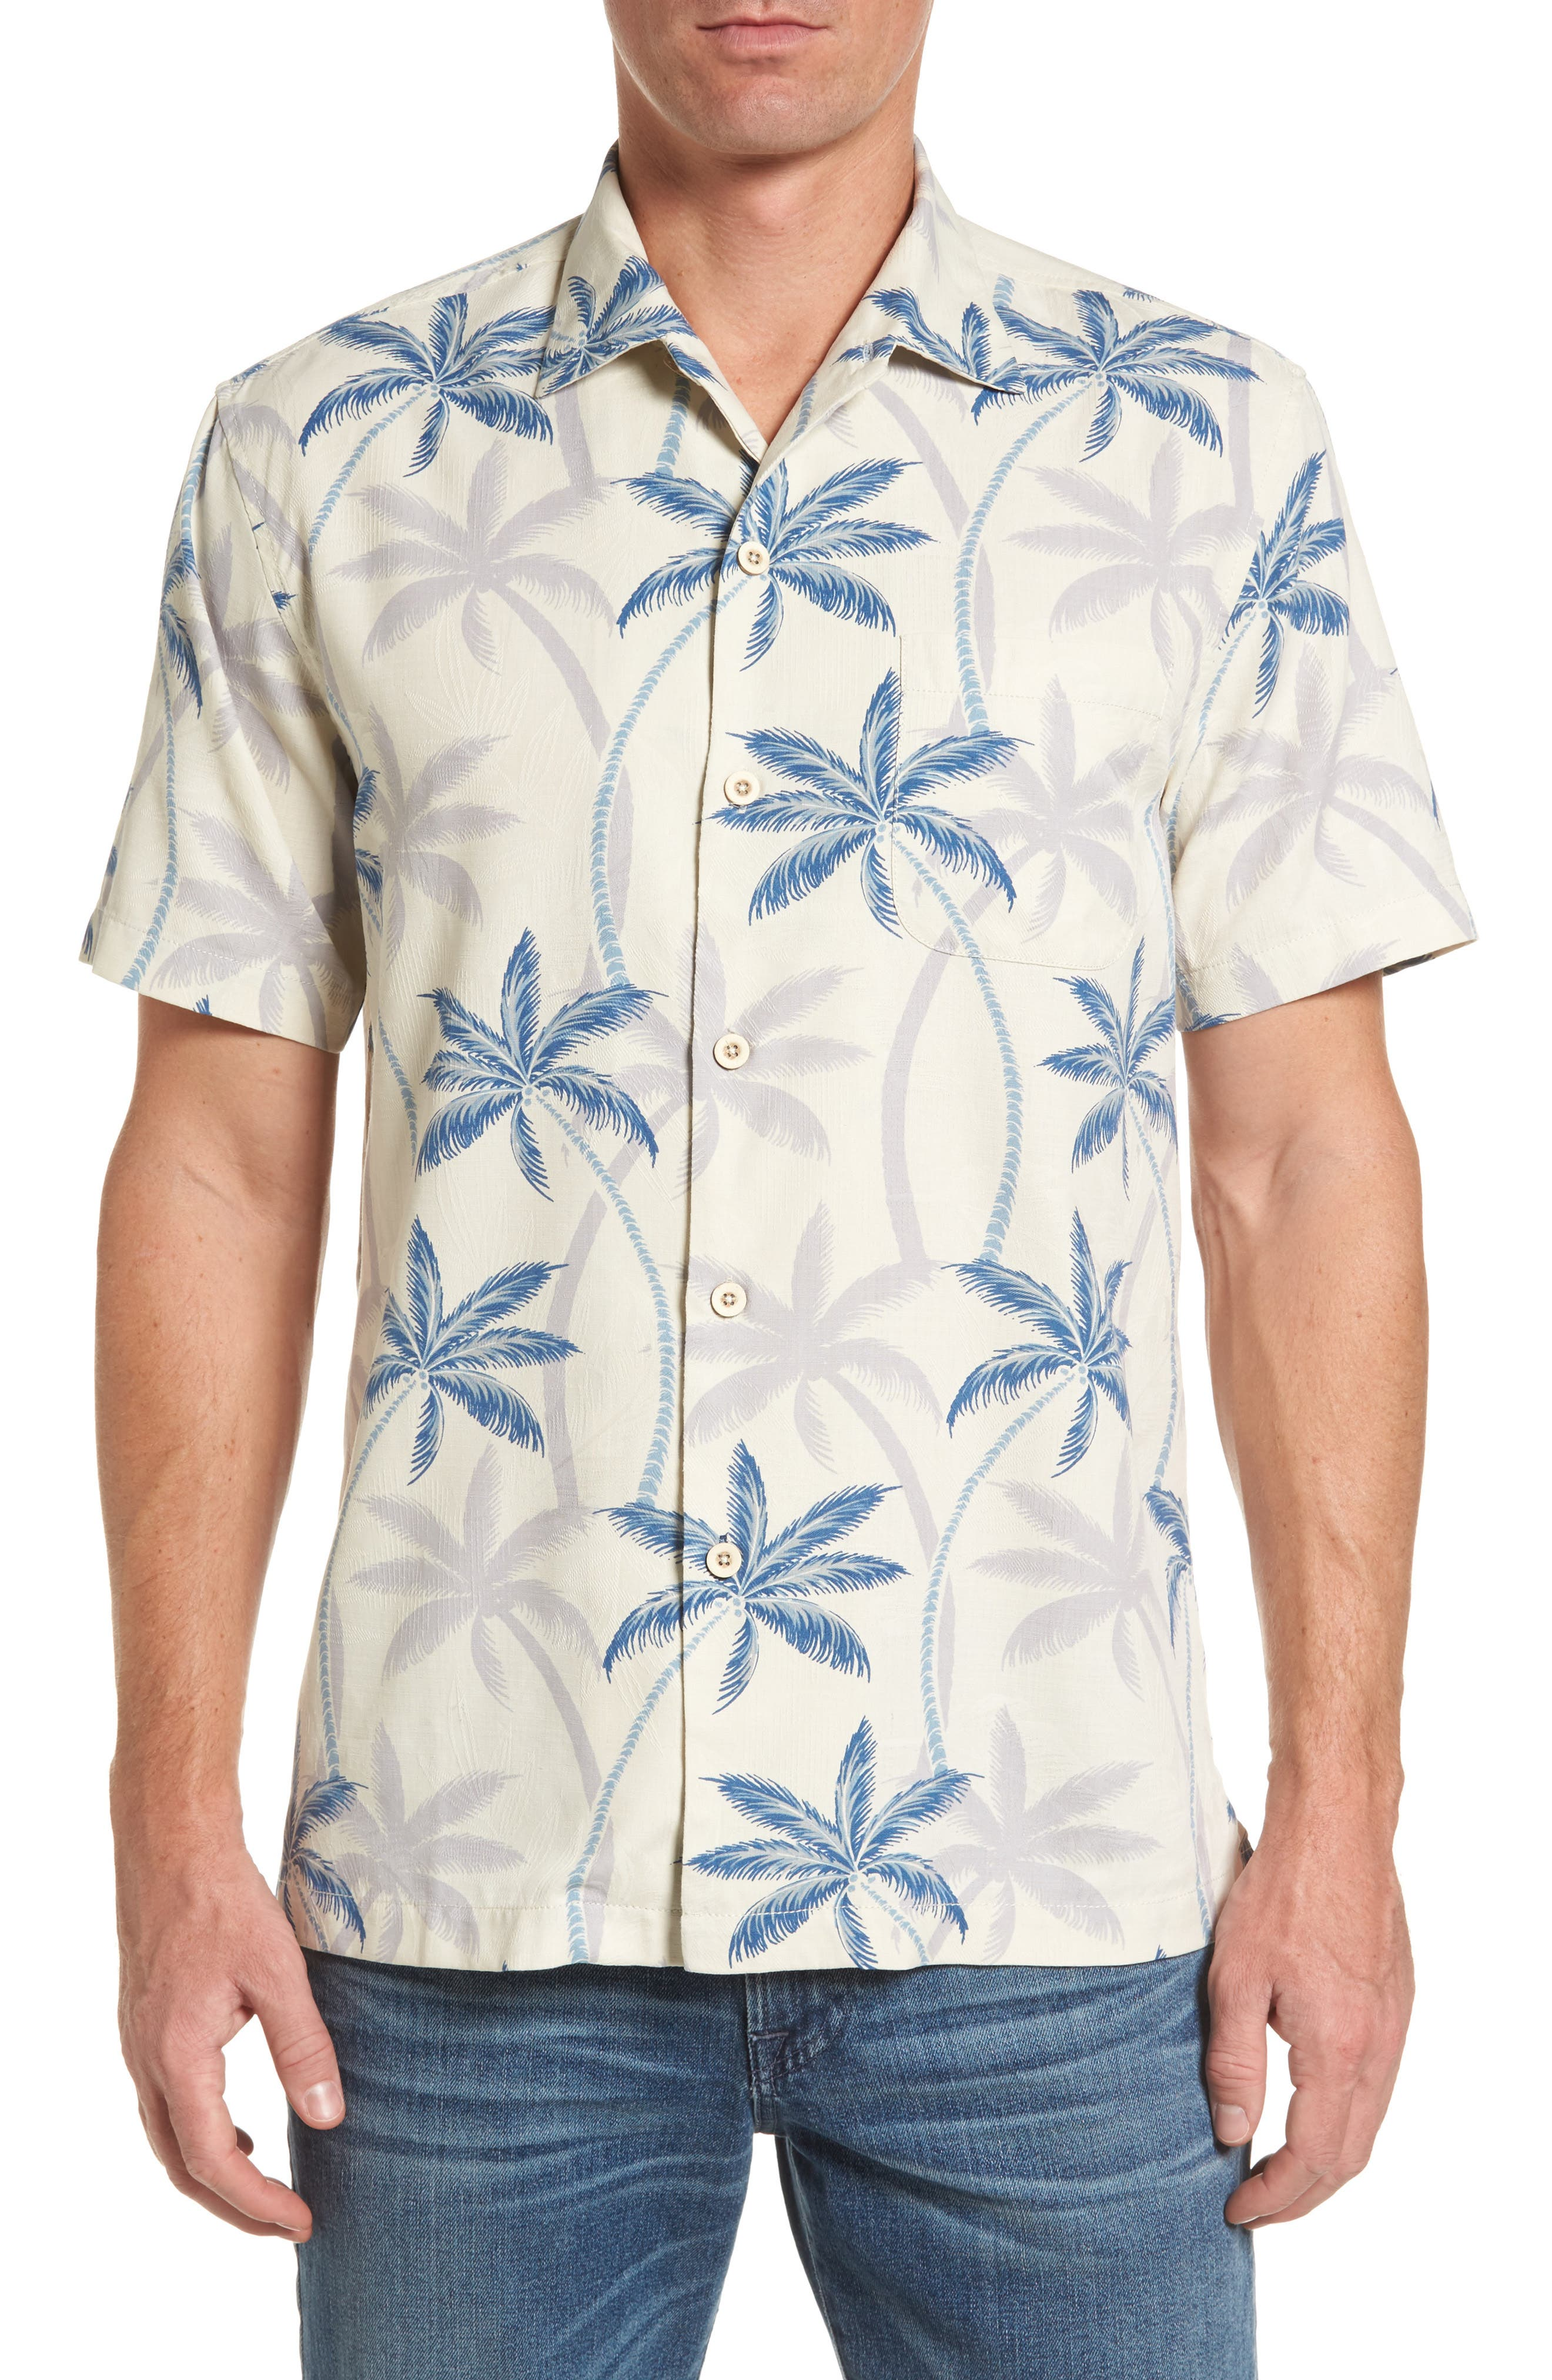 Palmas Palooza Woven Shirt,                             Main thumbnail 1, color,                             Continental